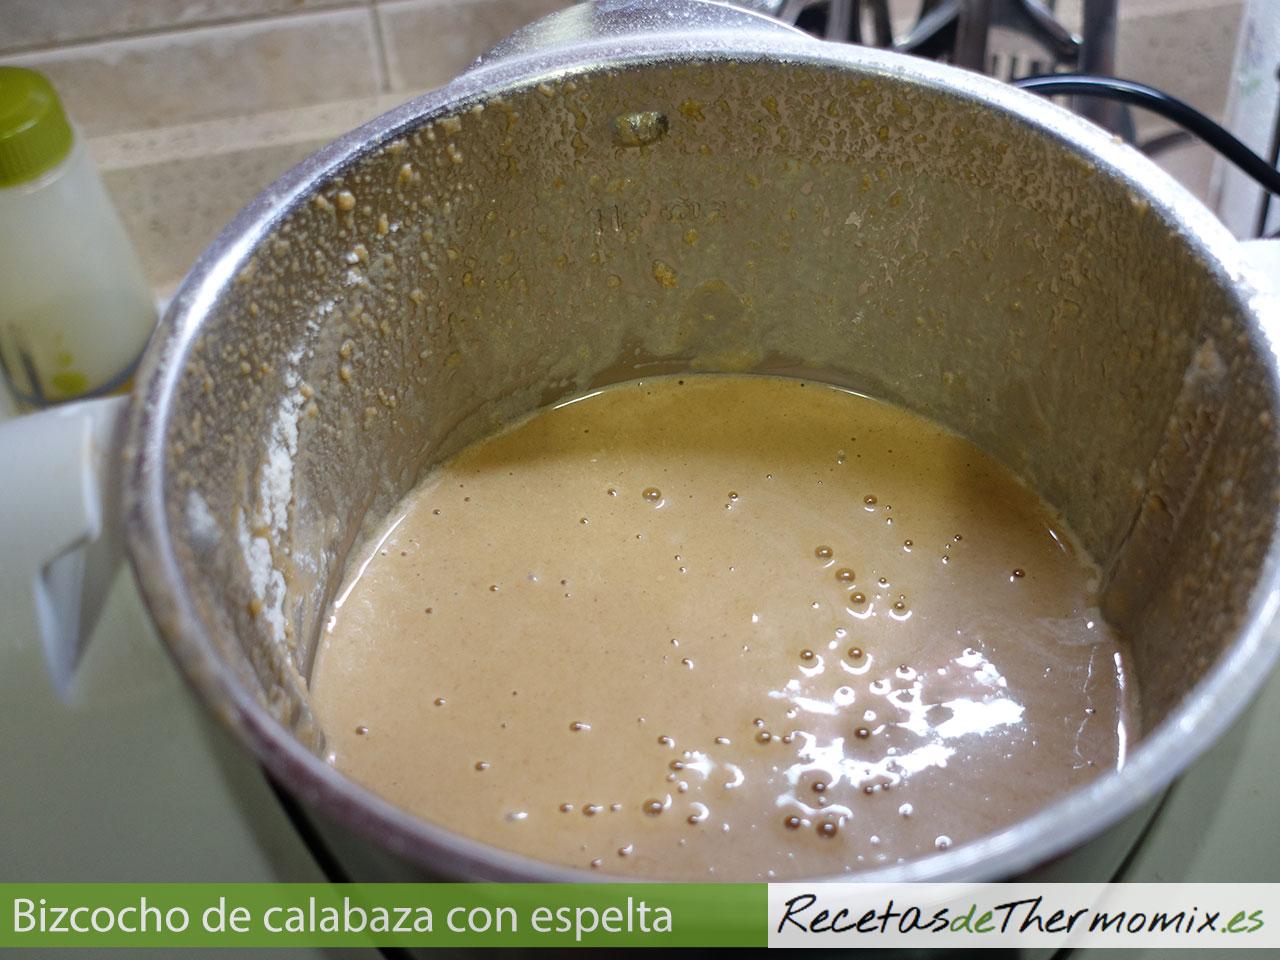 Cómo preparar bizcocho de calabaza con harina de espelta en Thermomix